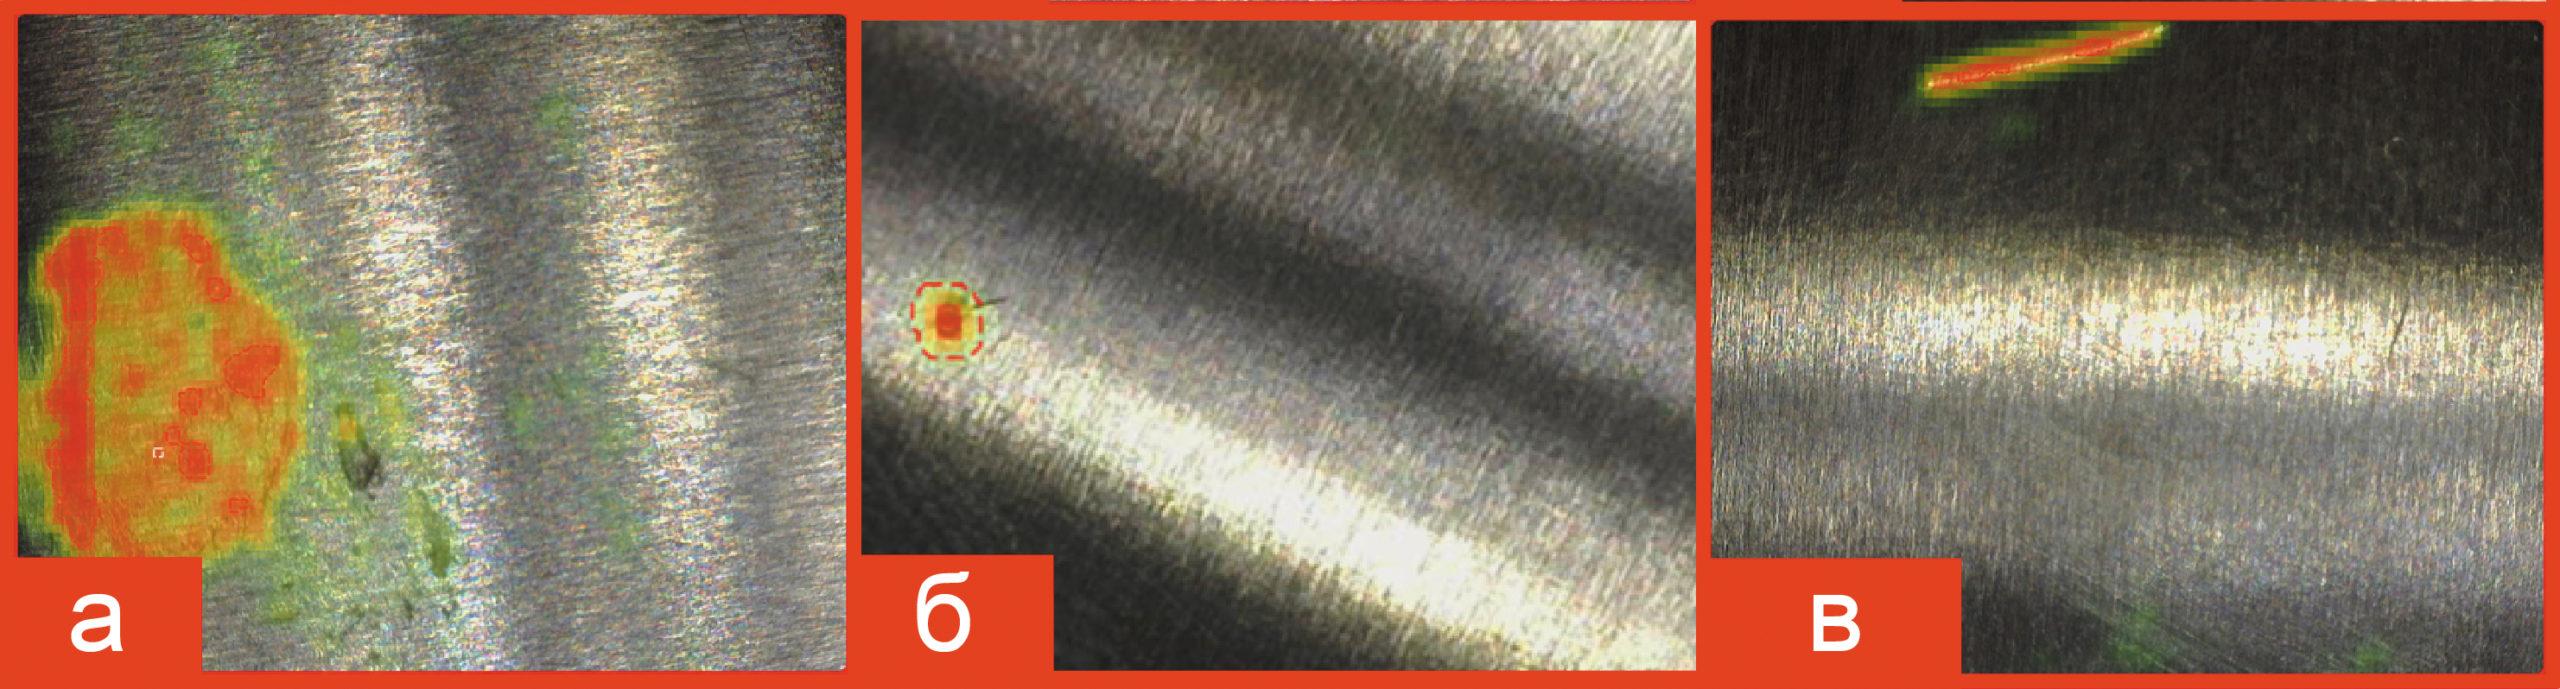 Иллюстрация работы ViDi Green-Classify. Обнаруженные дефекты: пятно, повреждение от удара, царапина